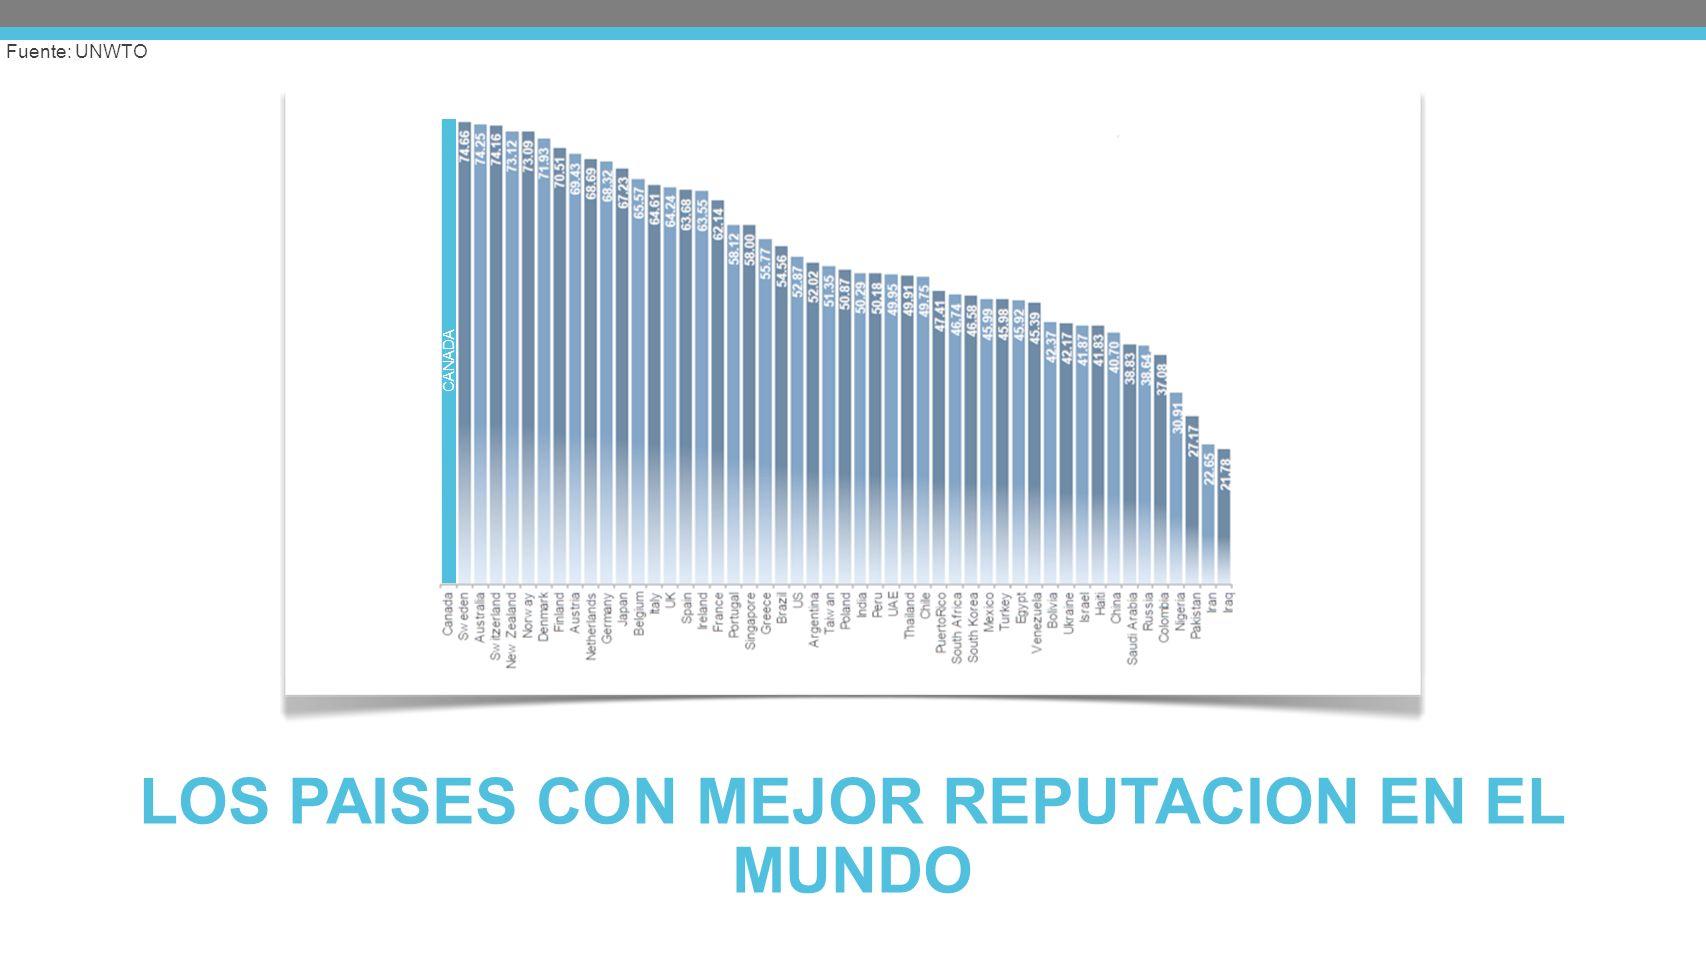 LOS PAISES CON MEJOR REPUTACION EN EL MUNDO